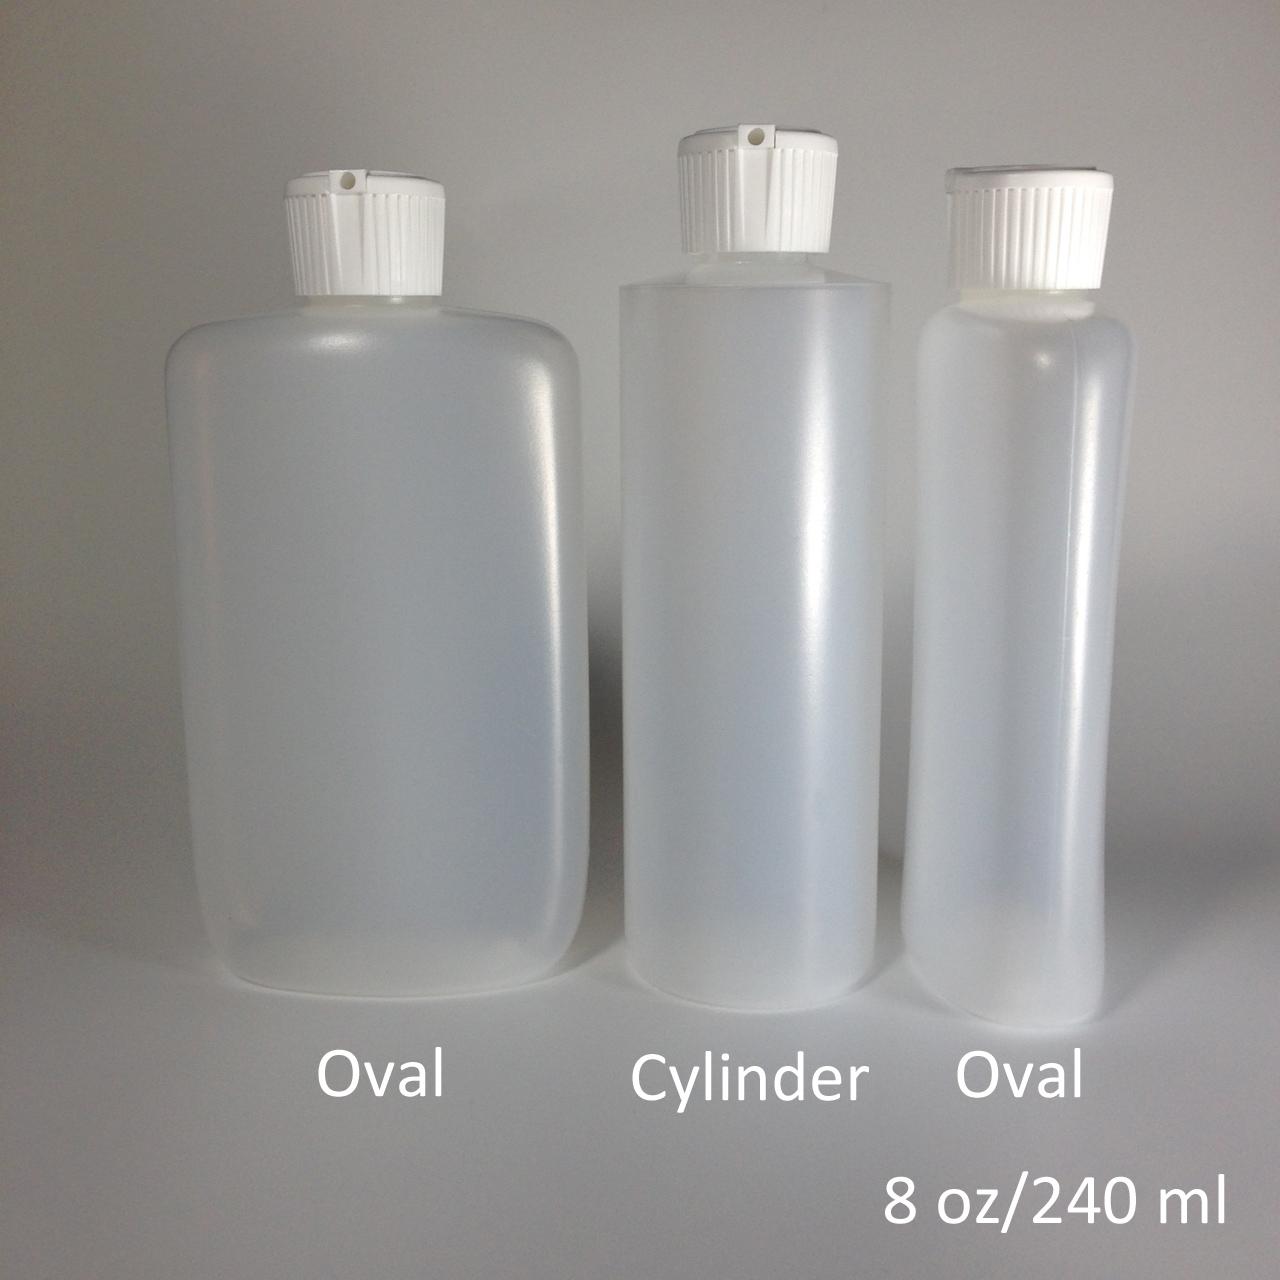 flip-top-oval-vs-cylinder-bottle-8oz.jpg